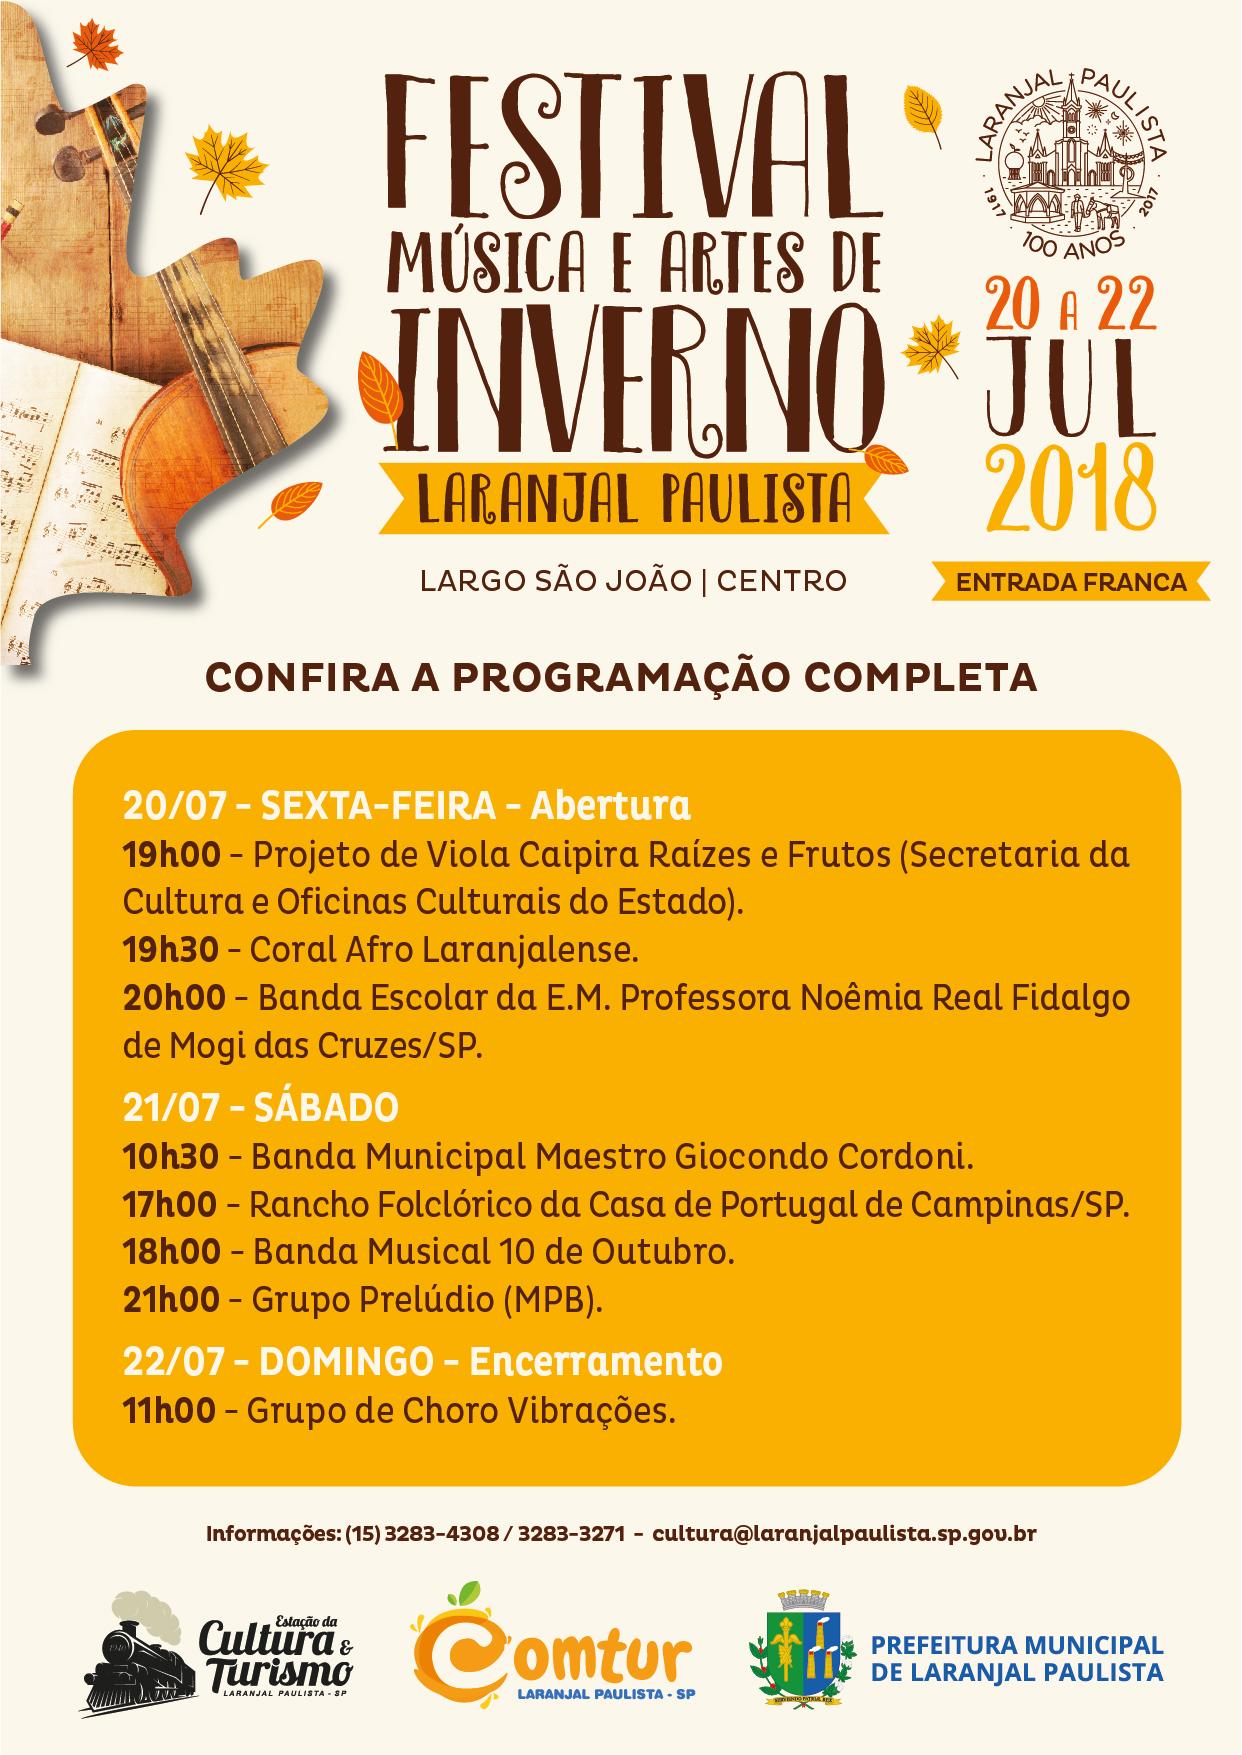 Festival Música e Artes de Inverno 2018 de Laranjal Paulista